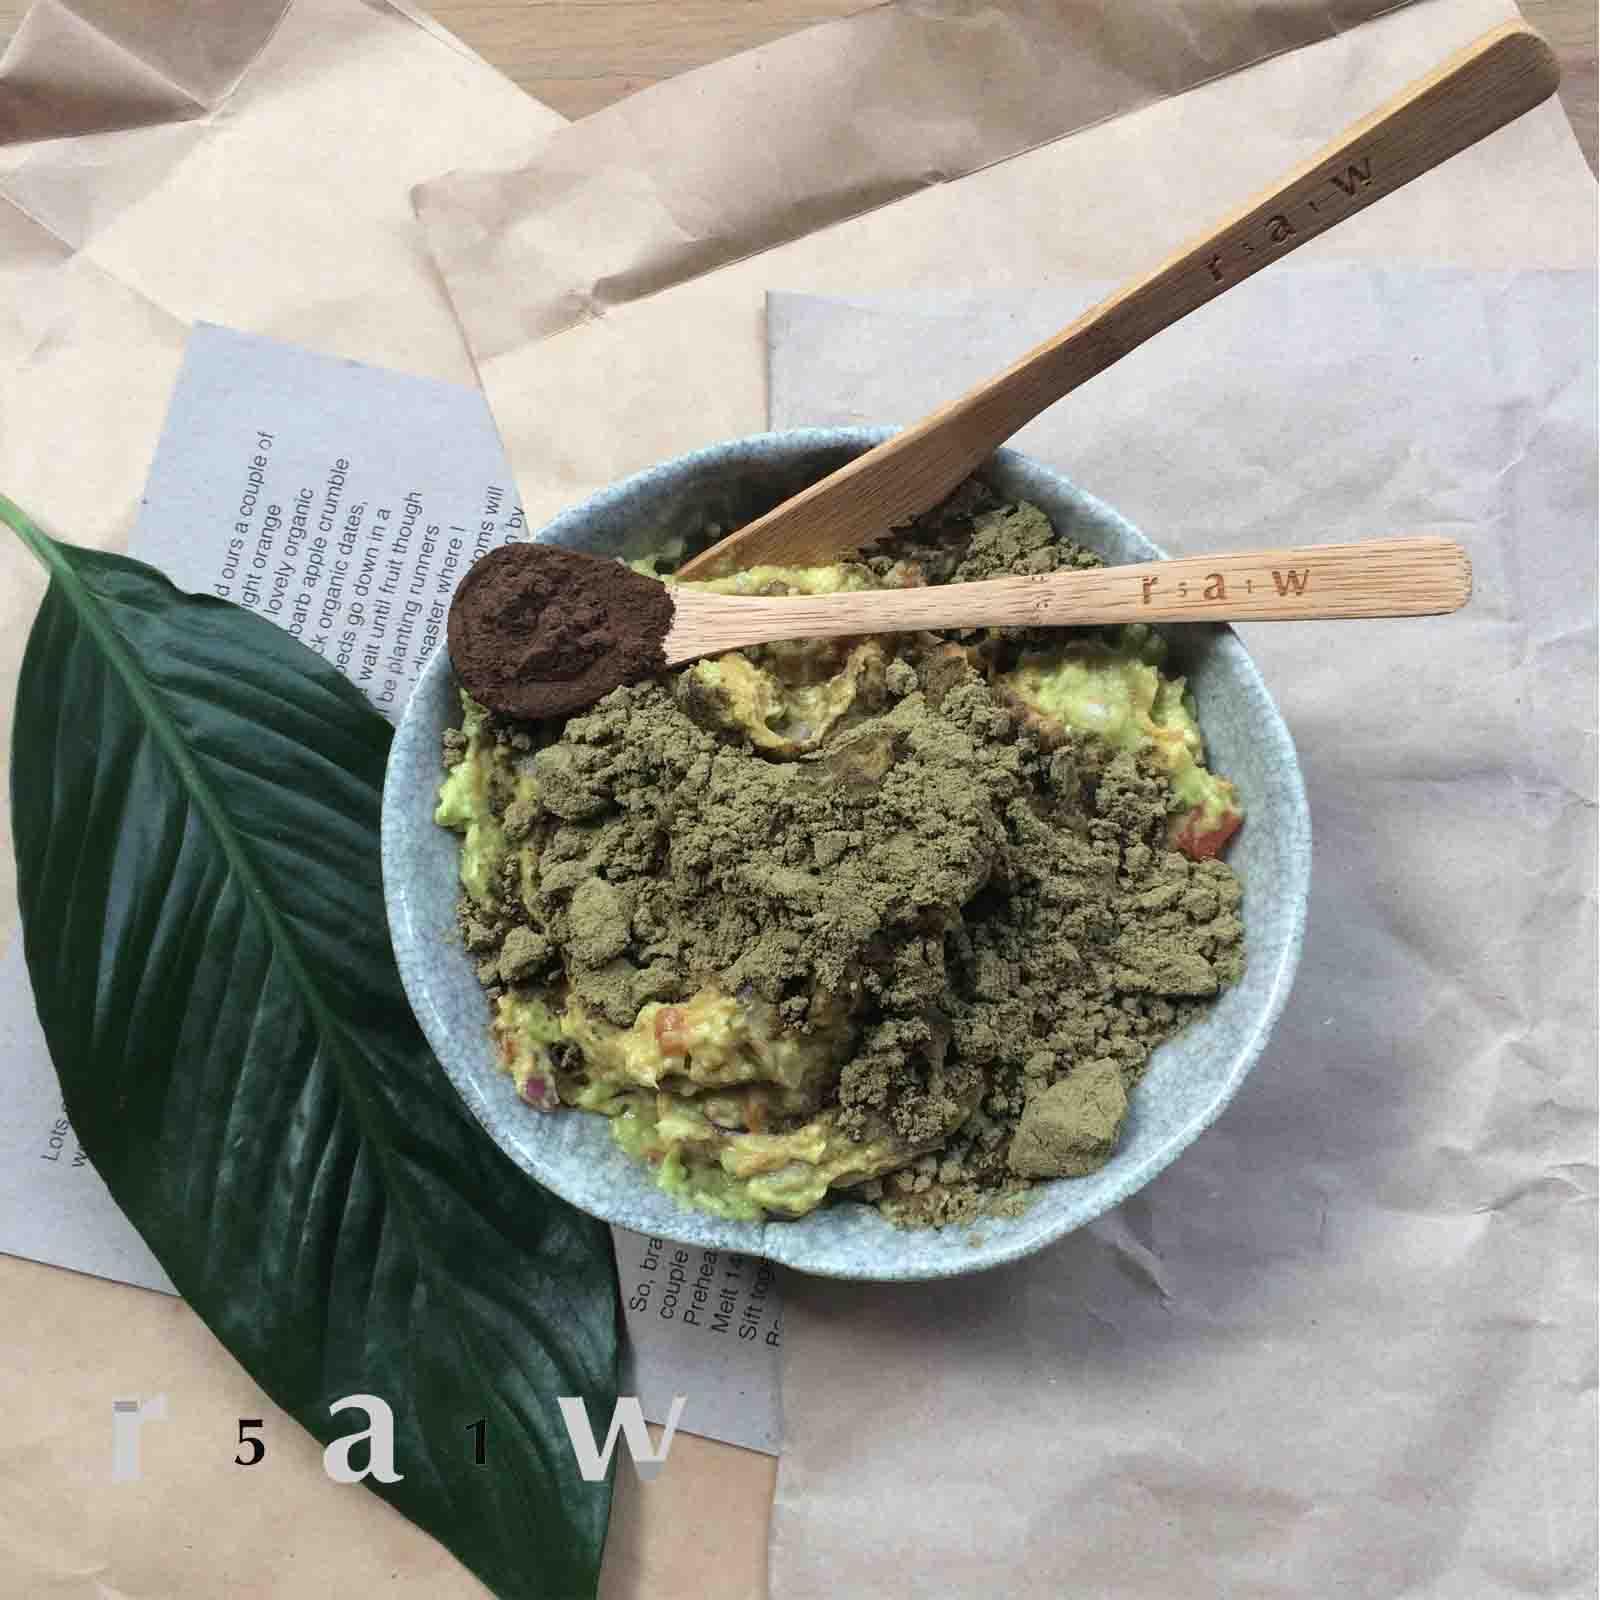 raw-food-diet-avocado-hemp-protein-smash-51raw